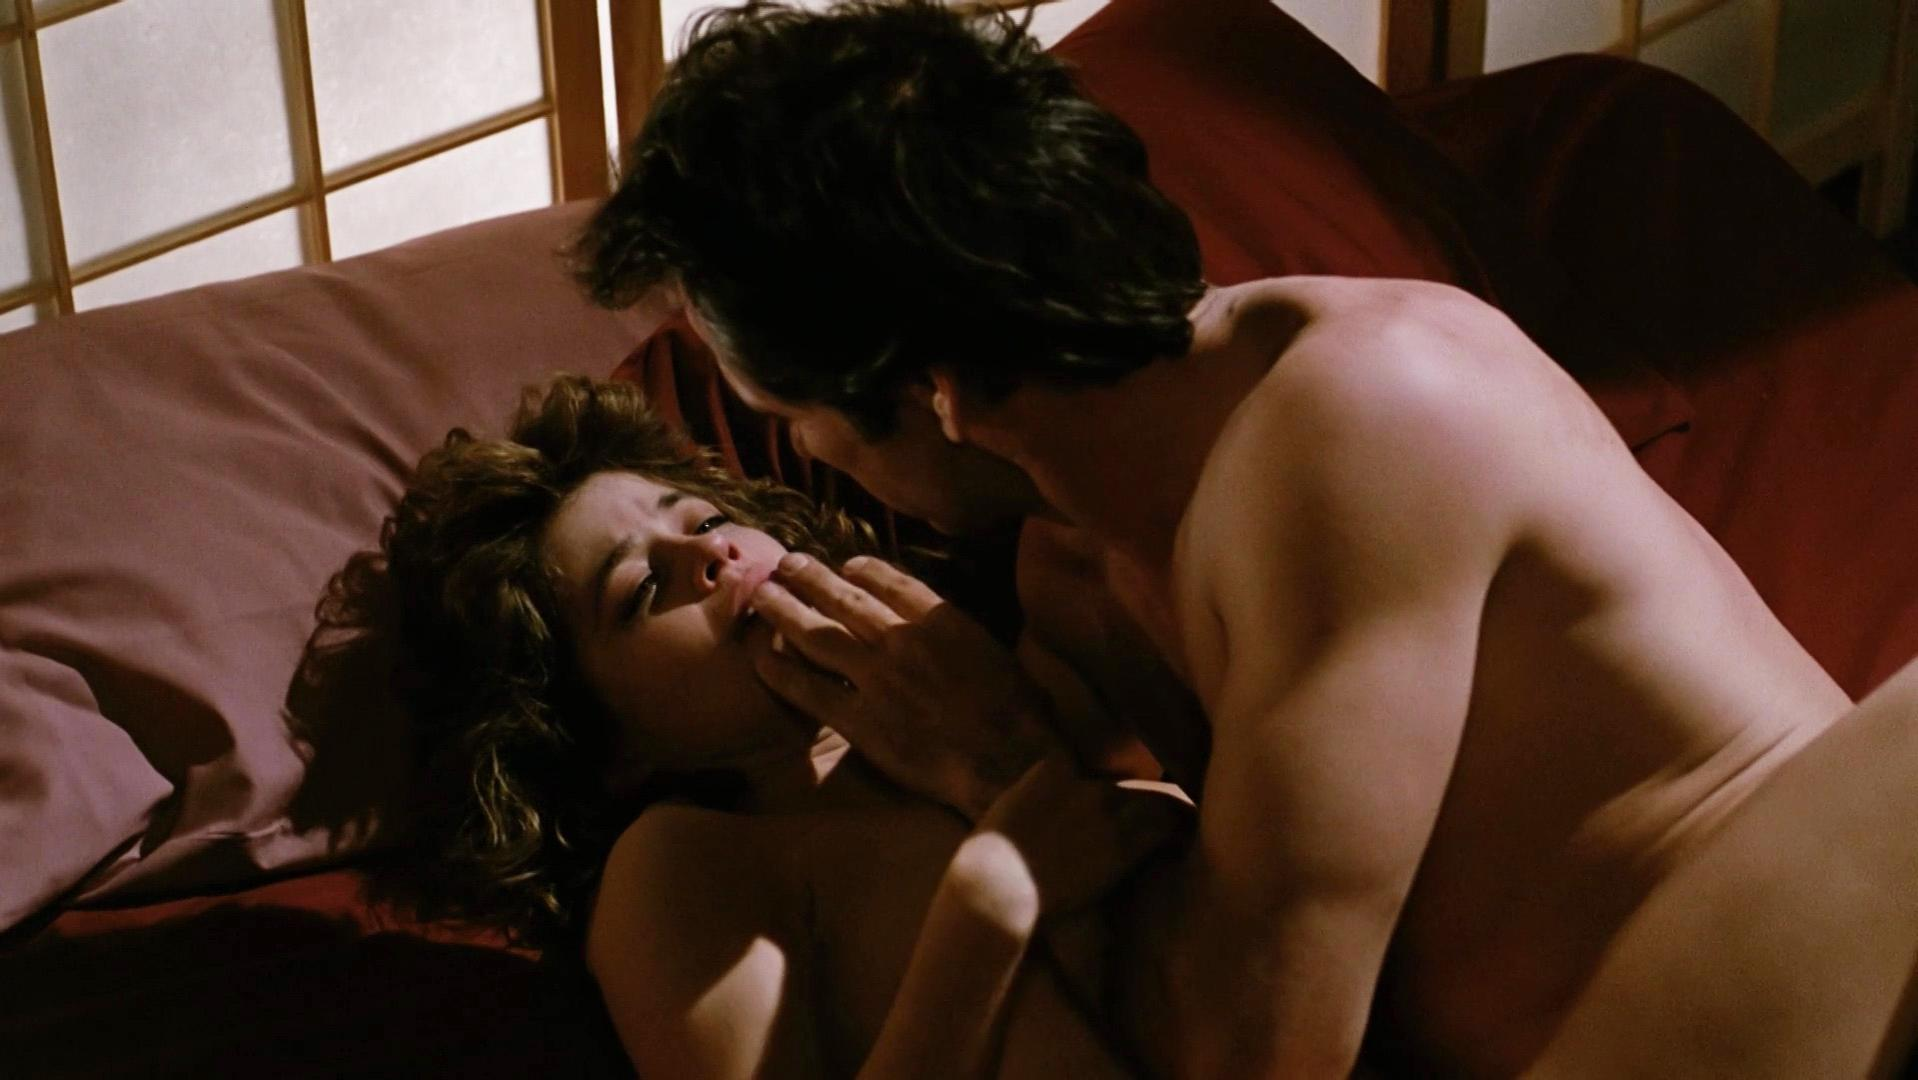 Fake nude videot linda fiorentino-5649